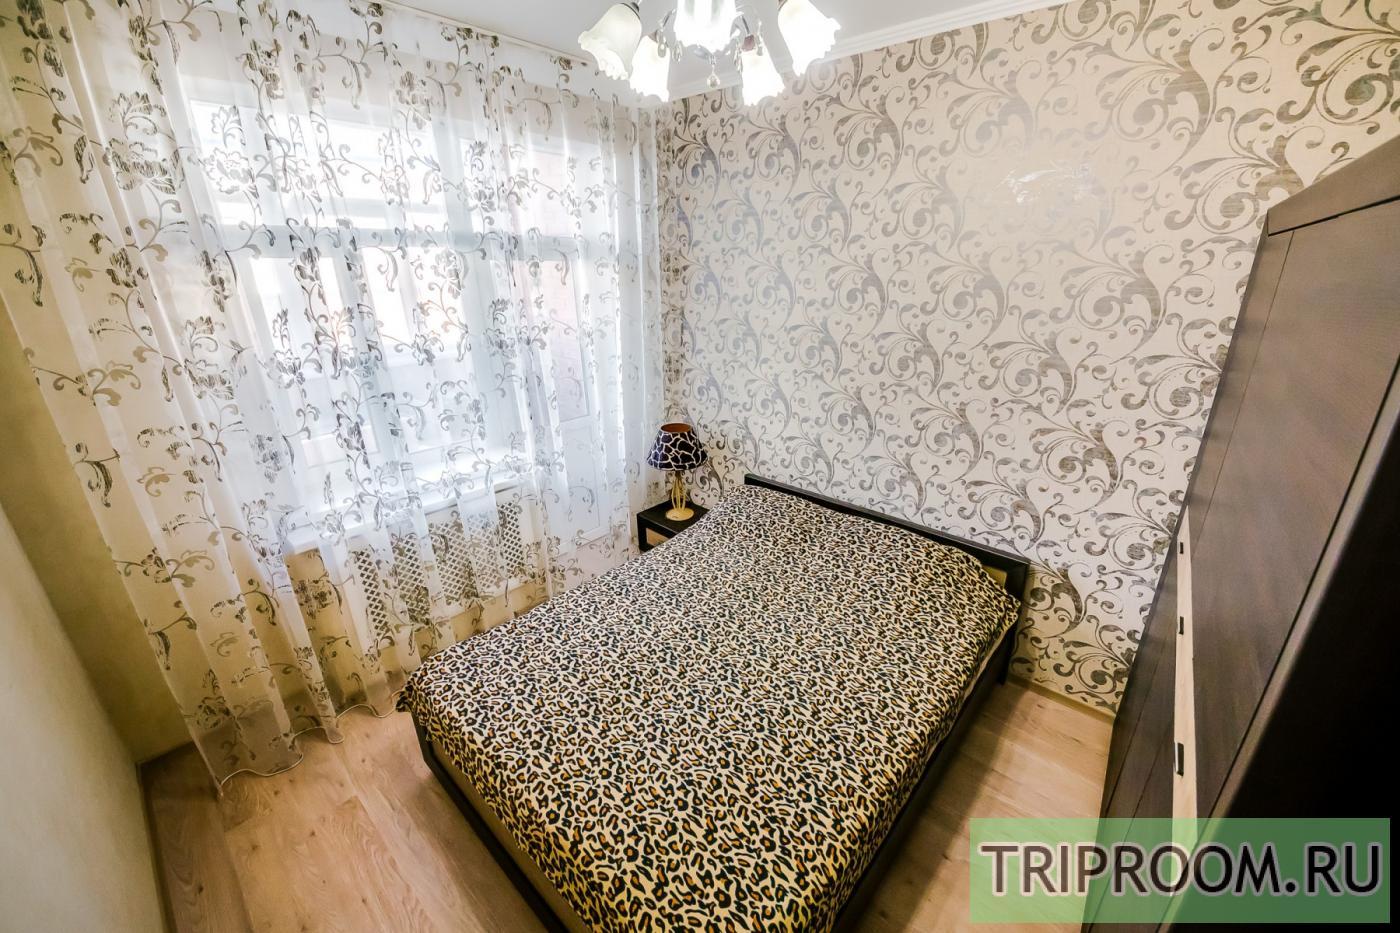 3-комнатная квартира посуточно (вариант № 23511), ул. Красноармейская улица, фото № 3